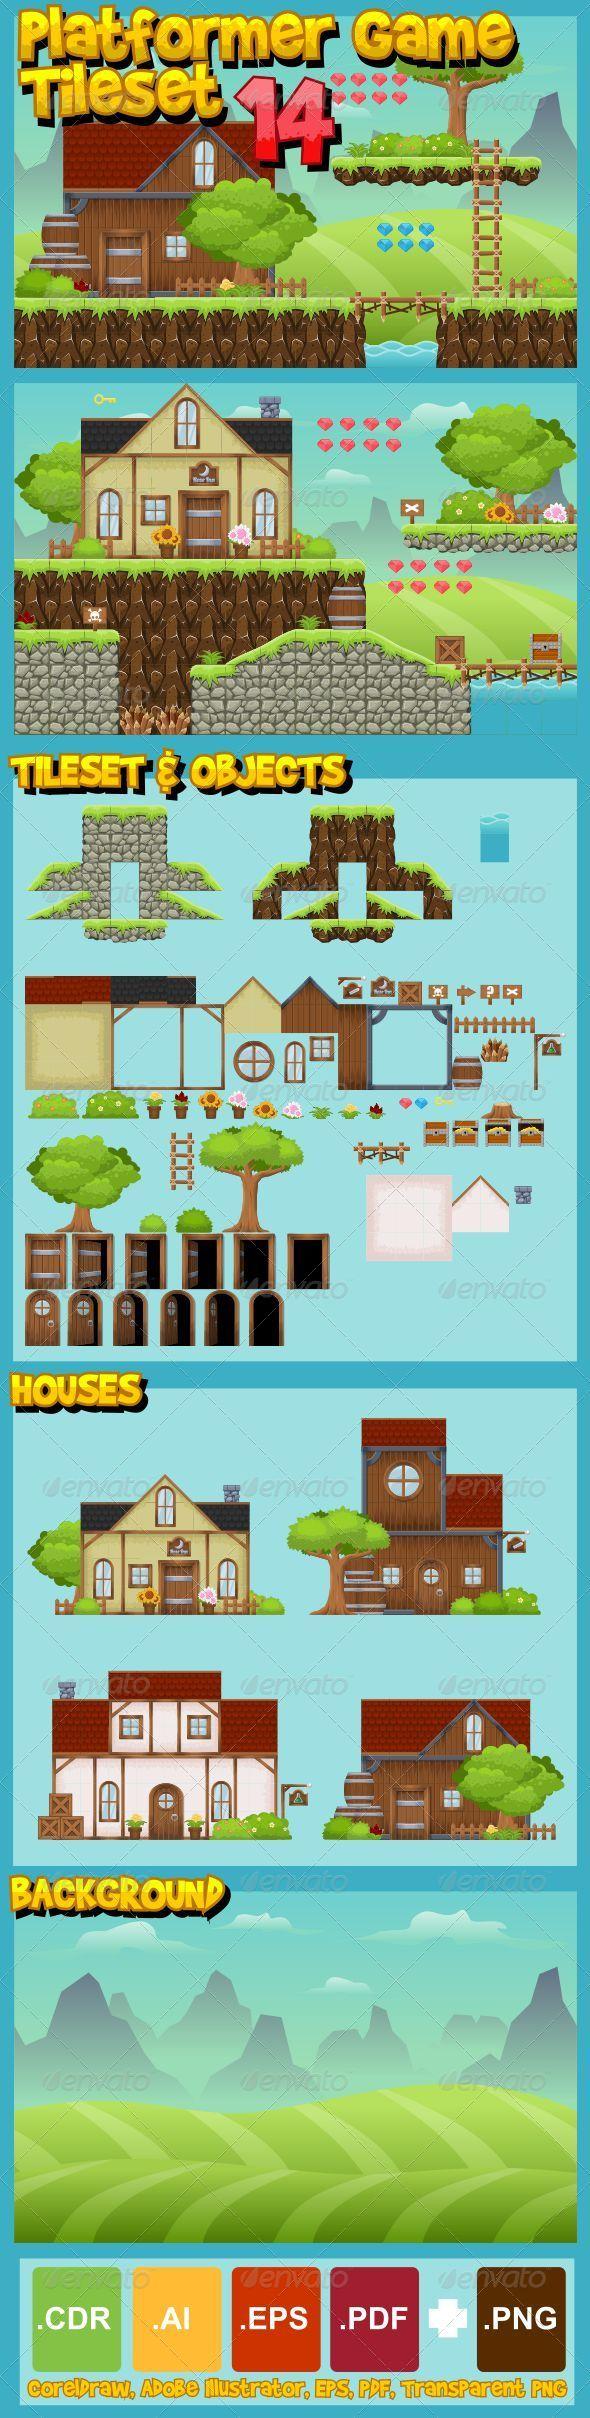 GraphicRiver Platformer Game Tile Set 14 7775615